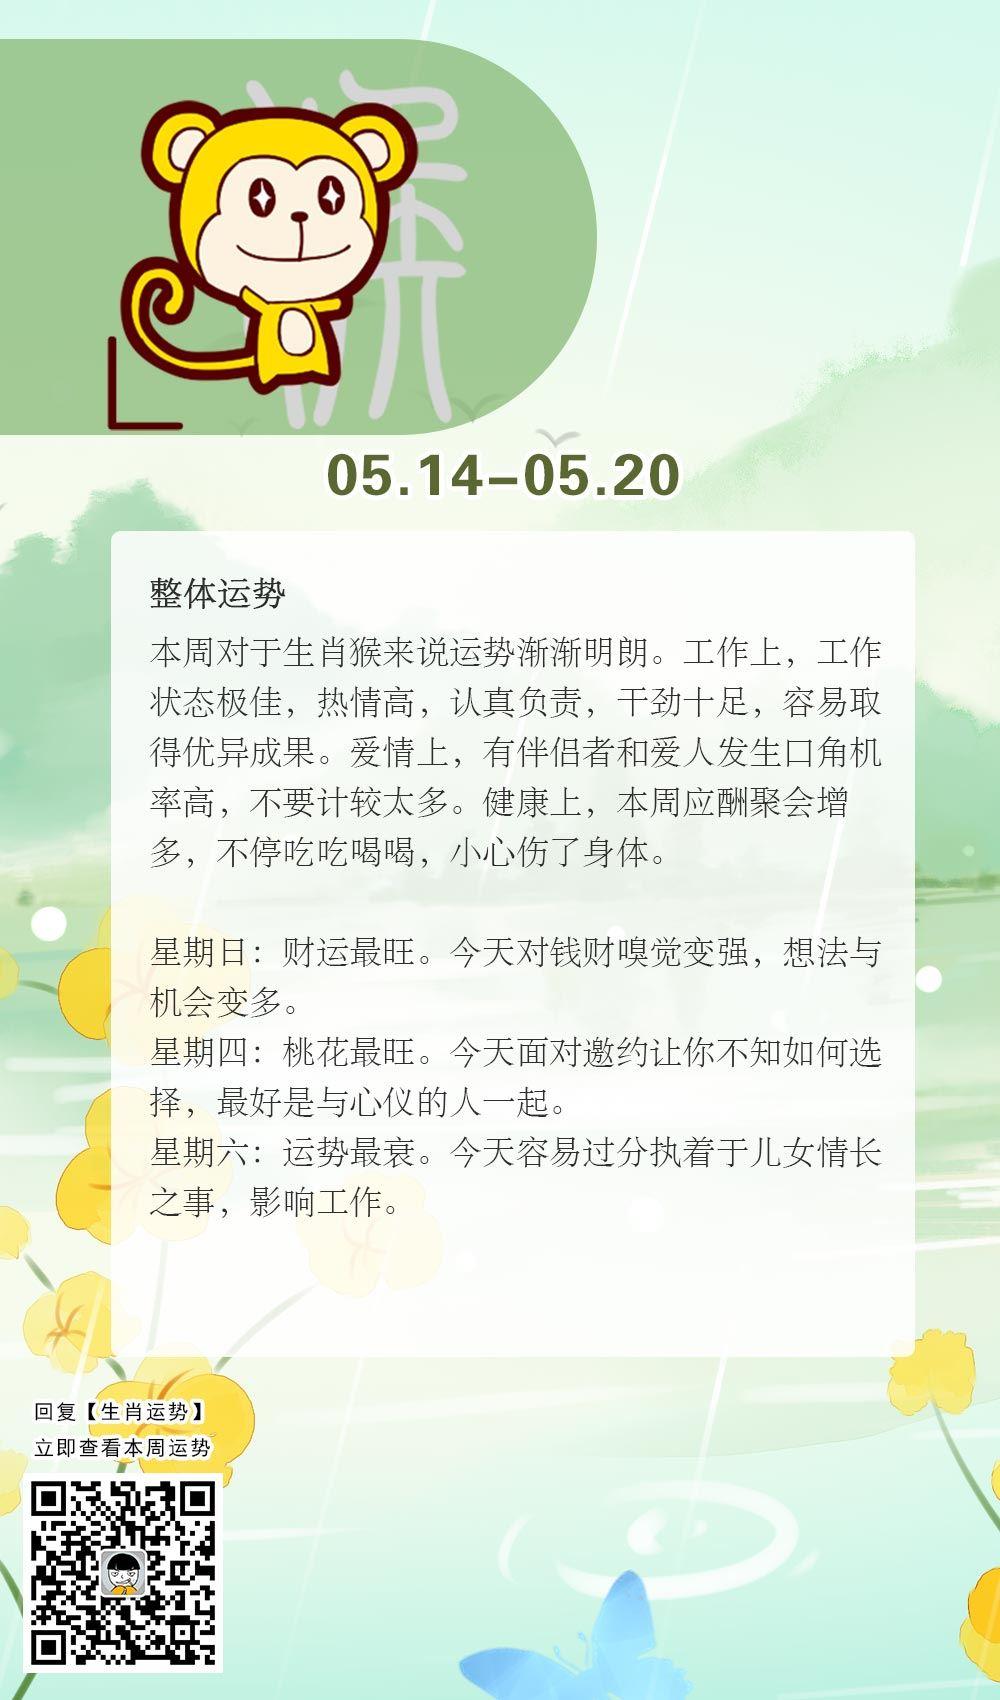 生肖猴本周运势【2018.05.14-05.20】